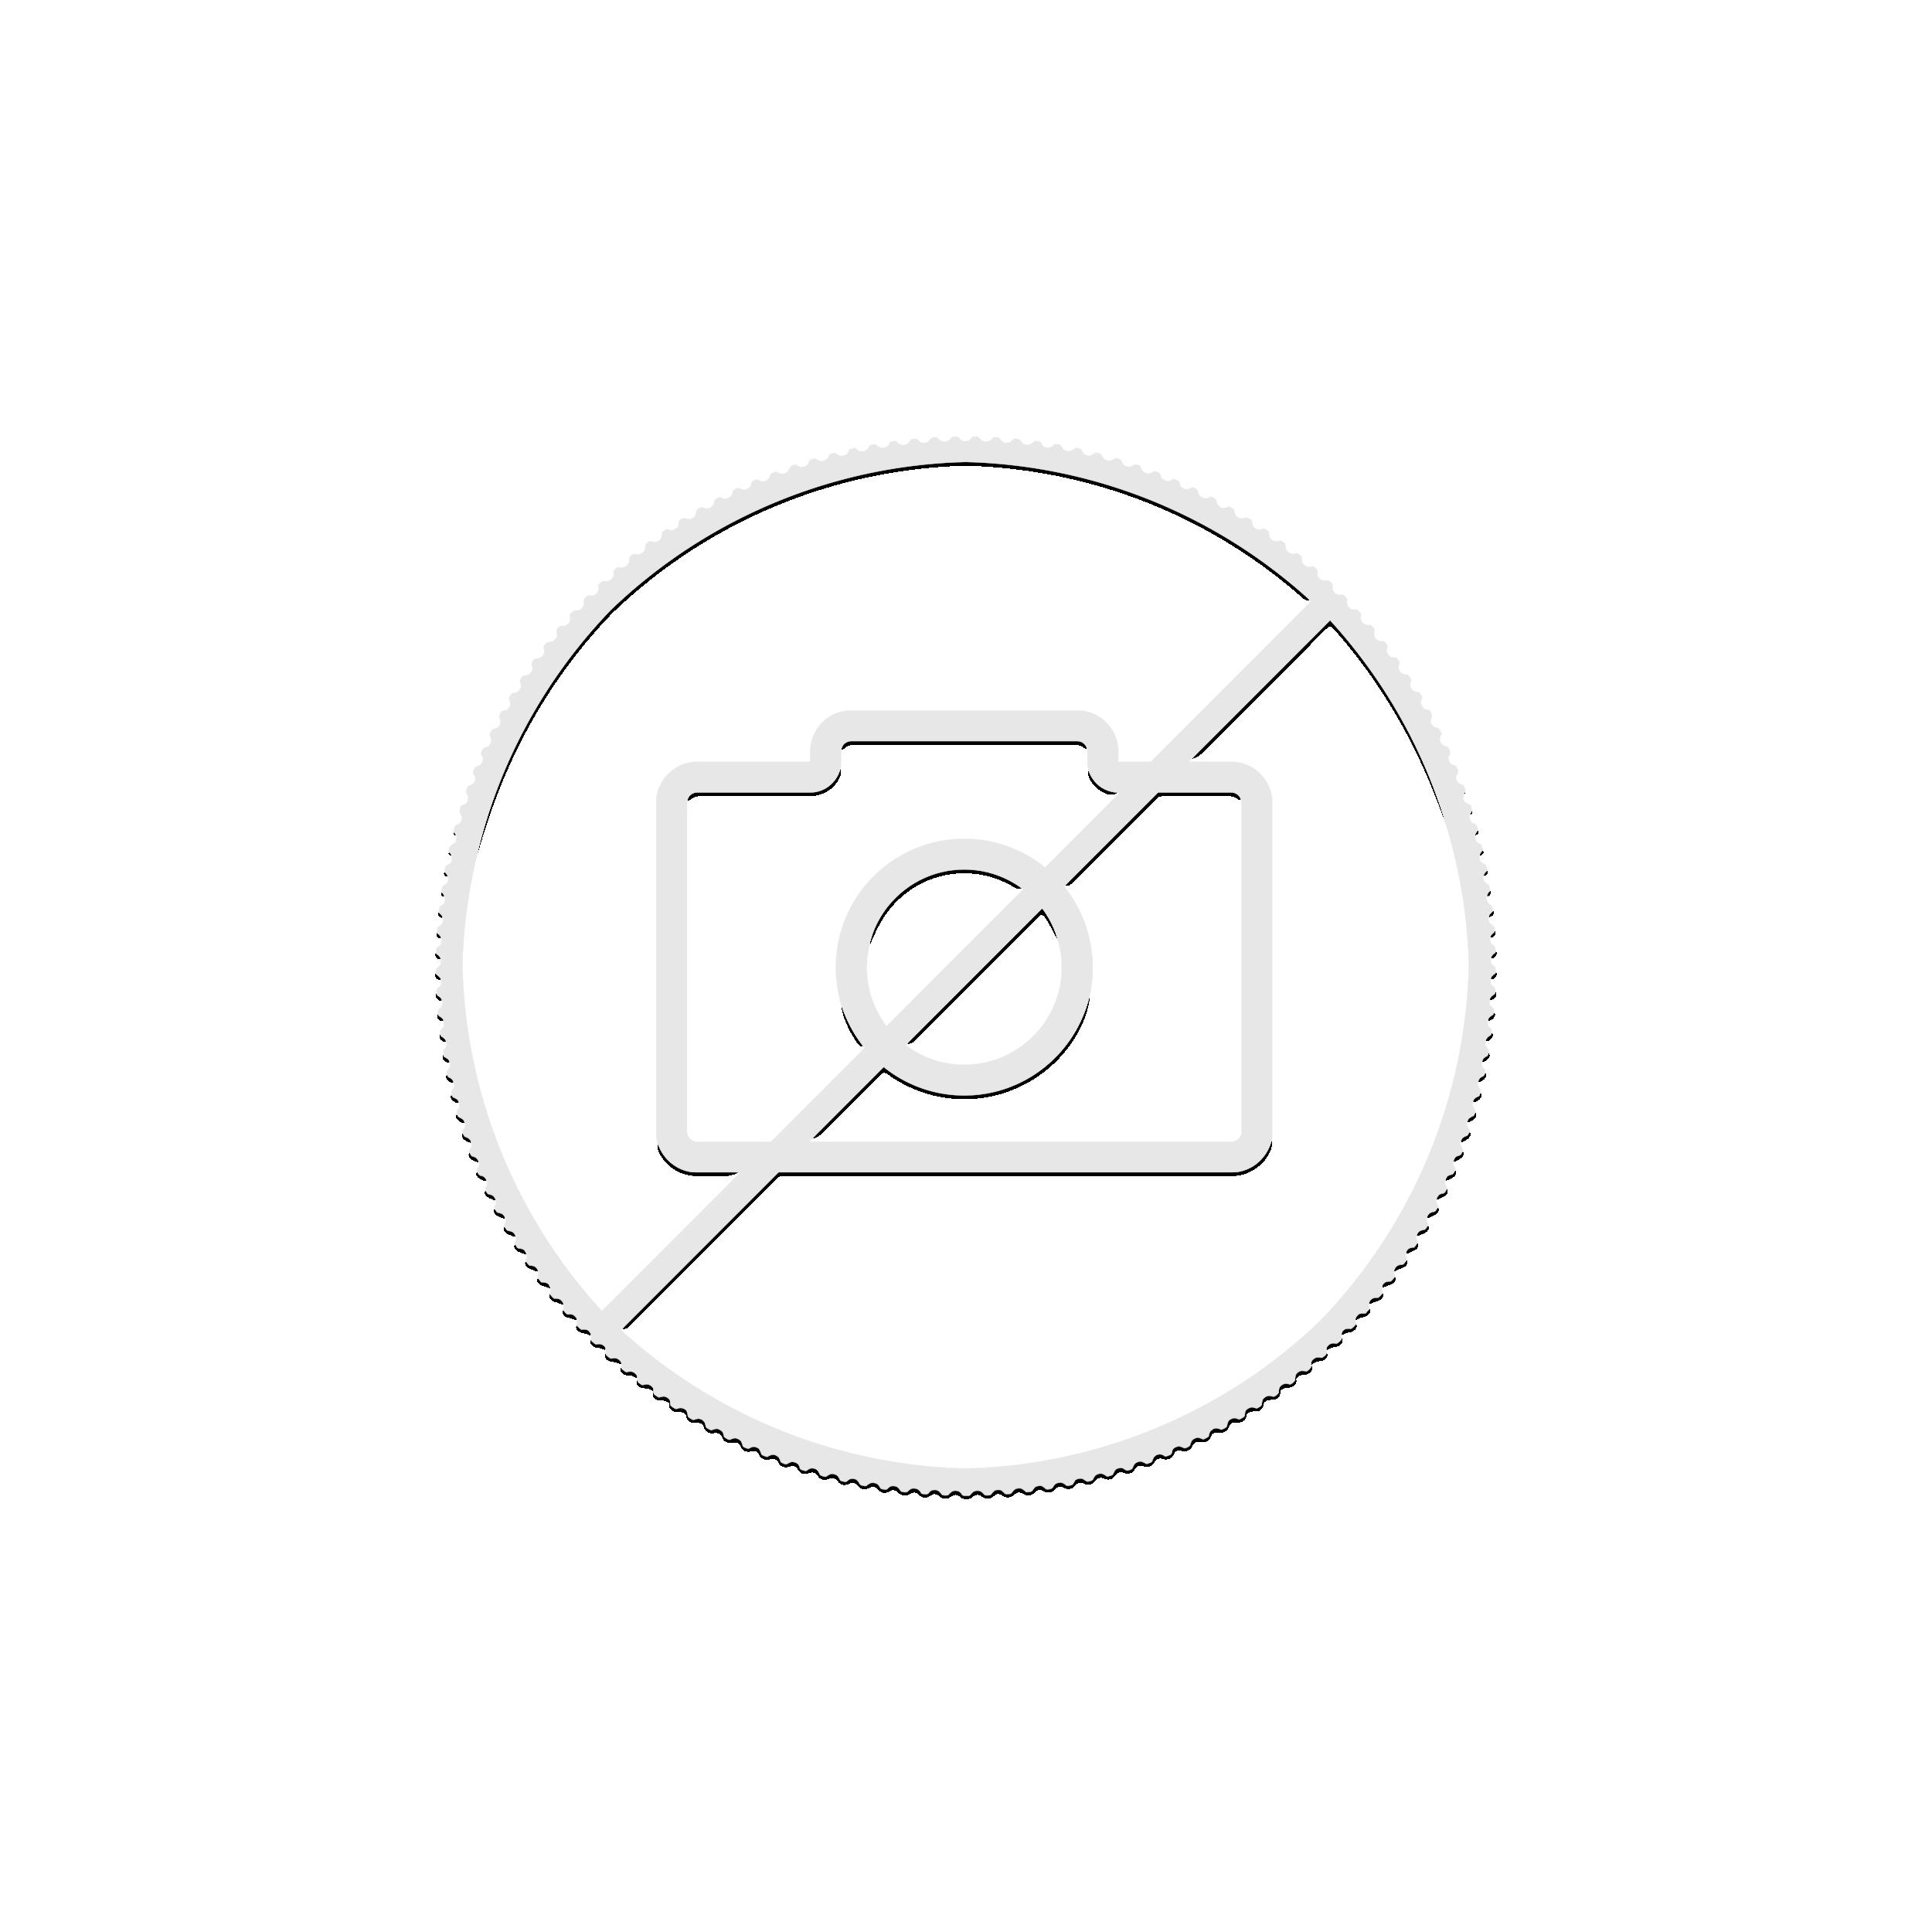 1 Kilo Koala silver coin 2014